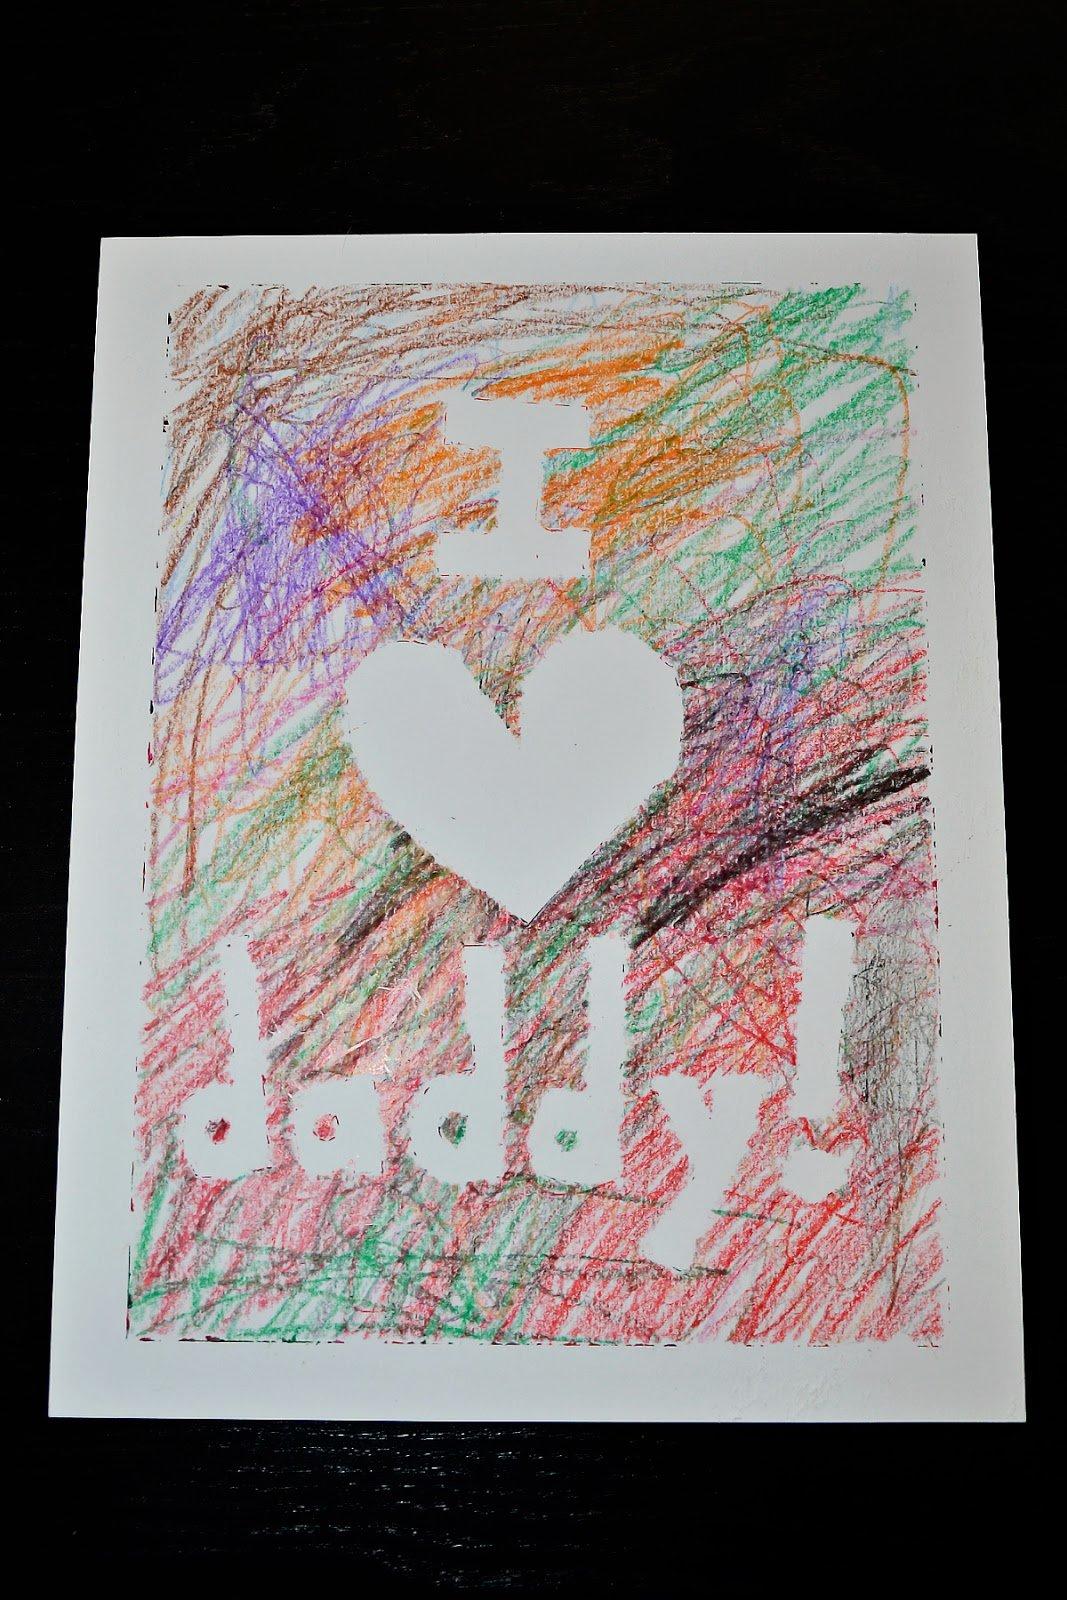 Mein Papa ist mein Held - Wünschen Sie Ihrem Vater alles Gute zum Vatertag